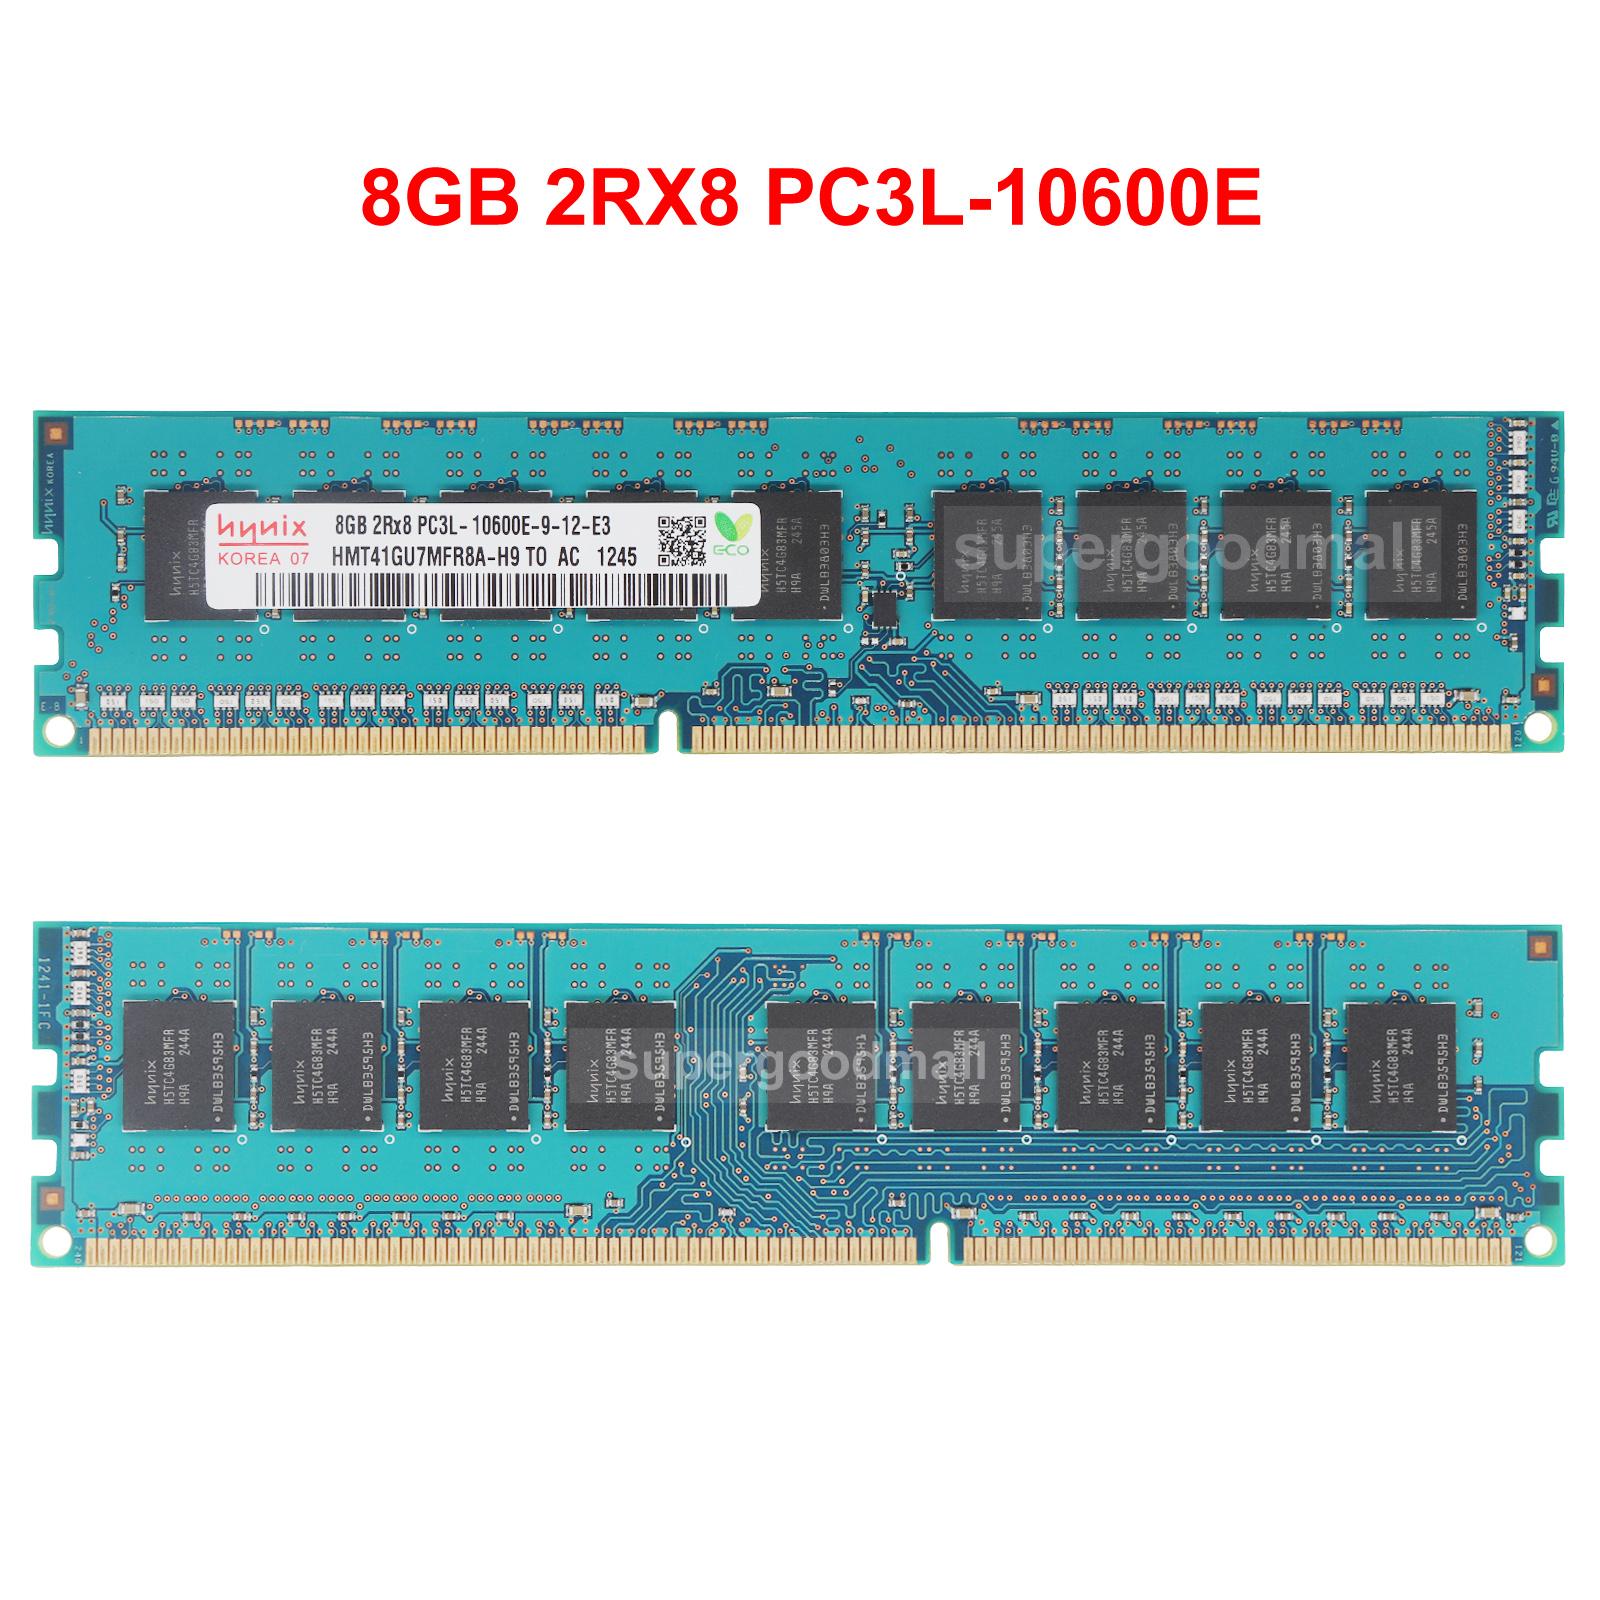 Hynix 4GB DDR3L 1333Mhz 2Rx8 PC3L-10600E 240-PIN ECC Unbuffered Memory Ram Sdimm